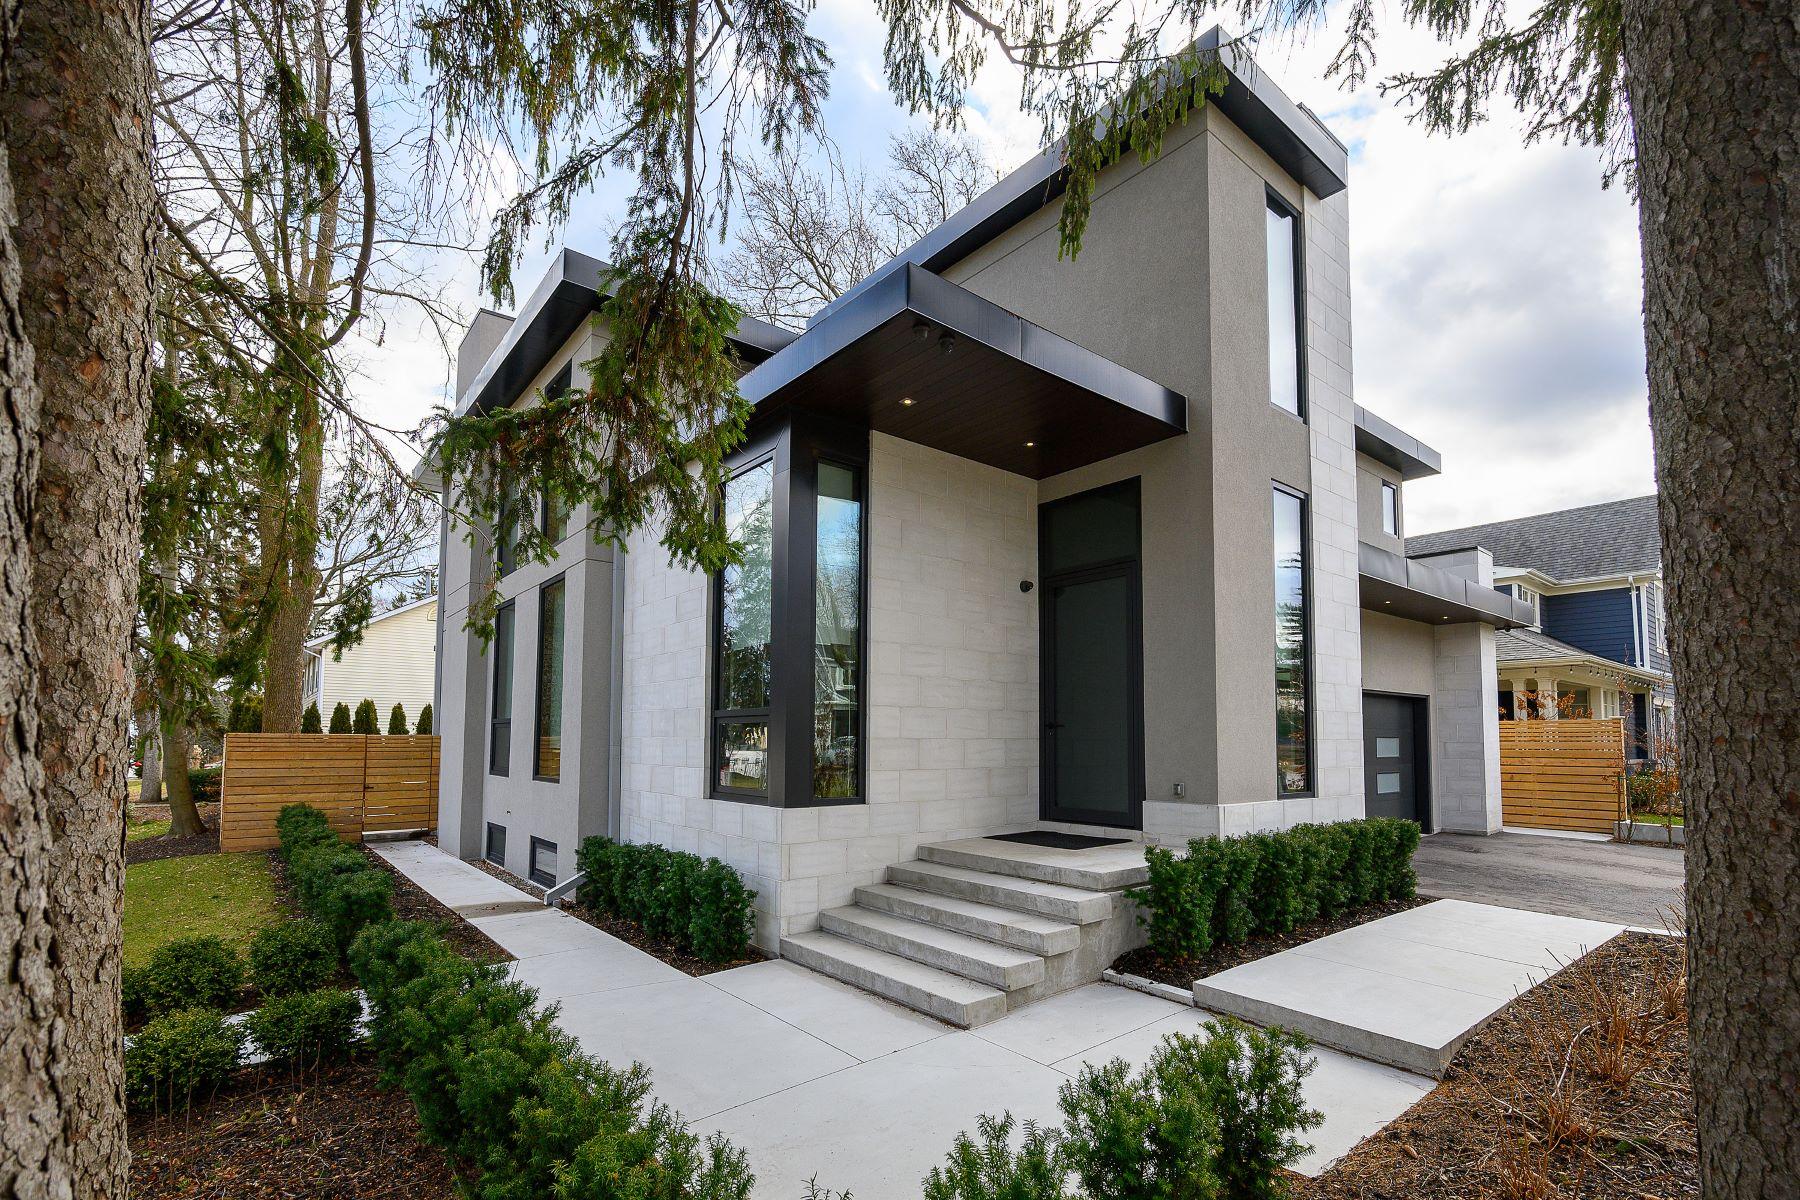 Single Family Homes for Sale at Modern Custom Steps to Lake 104 Burnet Street Oakville, Ontario L6K 1C1 Canada